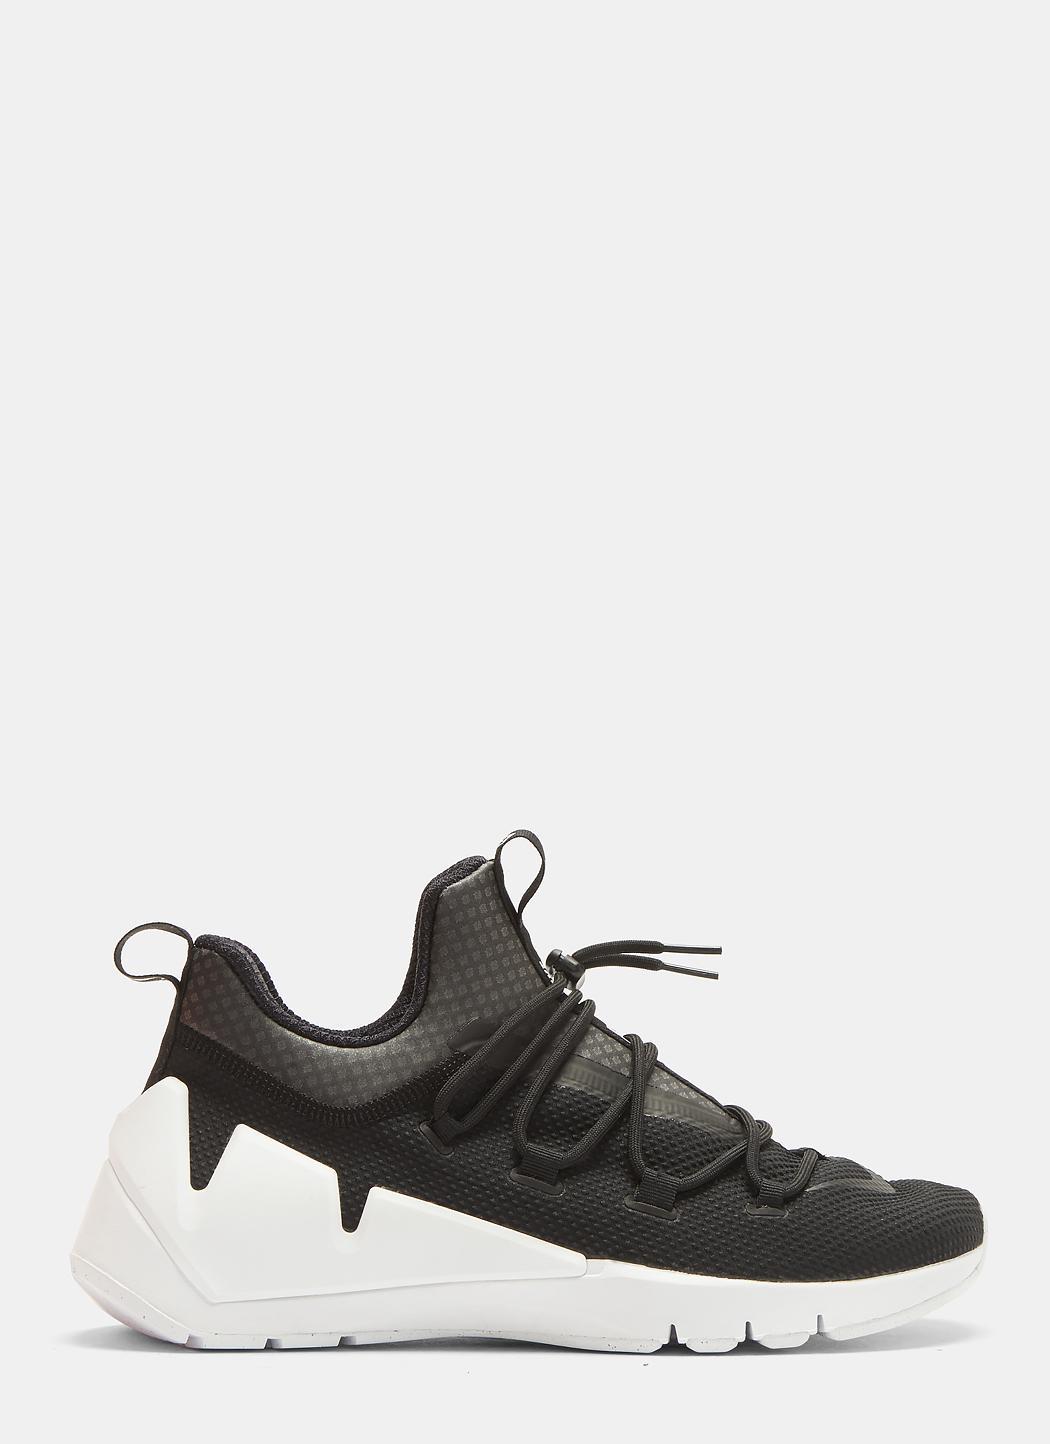 c61b15081ea0 Nike Air Zoom Grade Sneakers In Black in Black for Men - Lyst